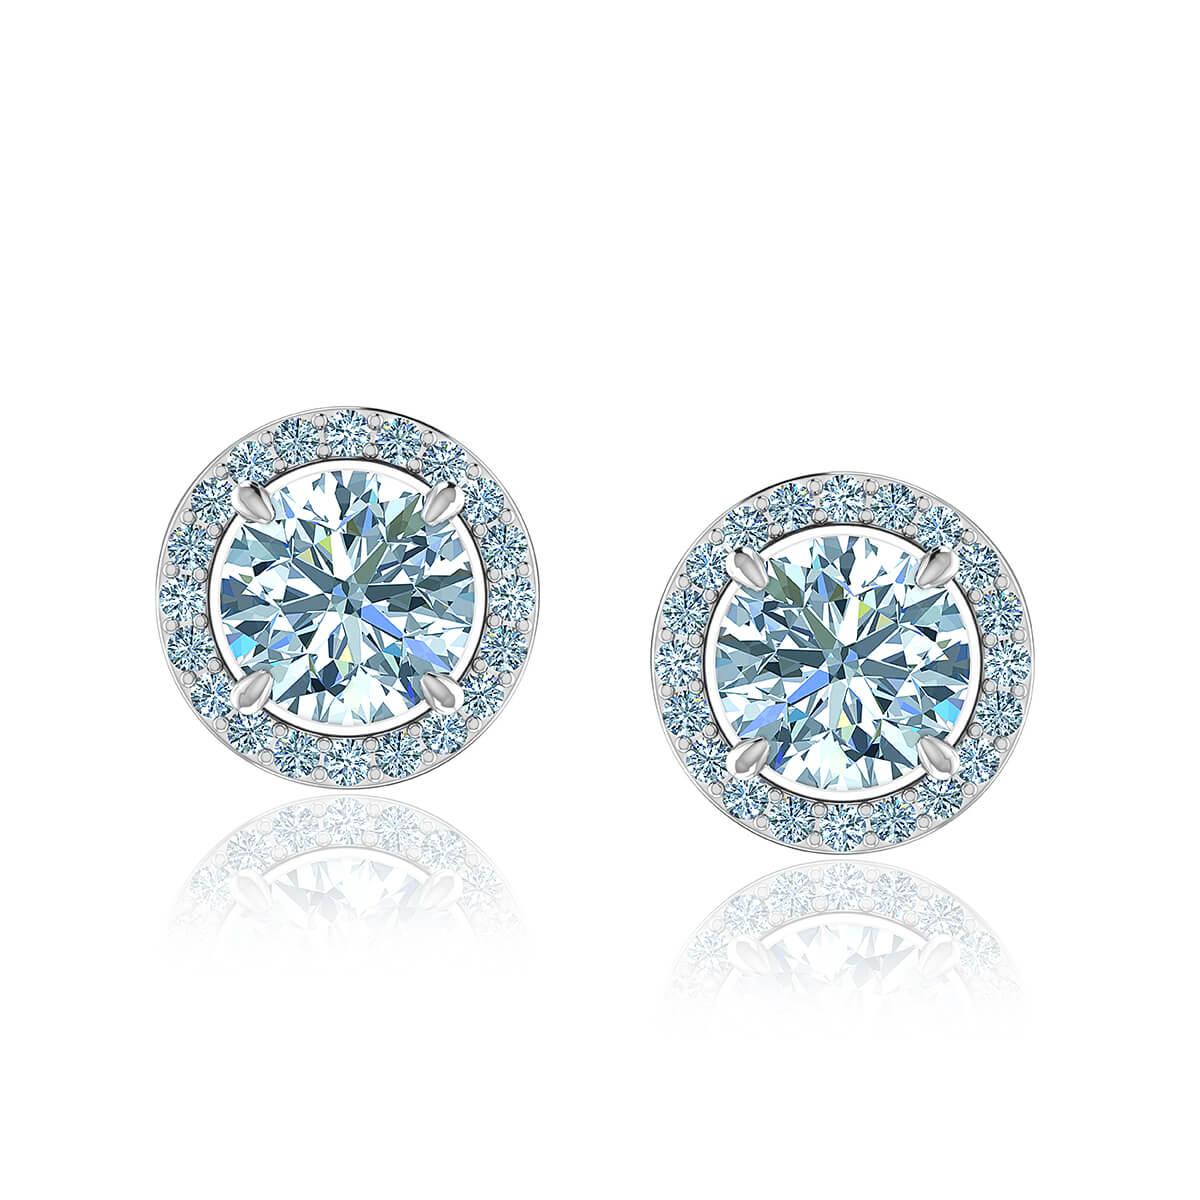 Honesty Diamond Earrings